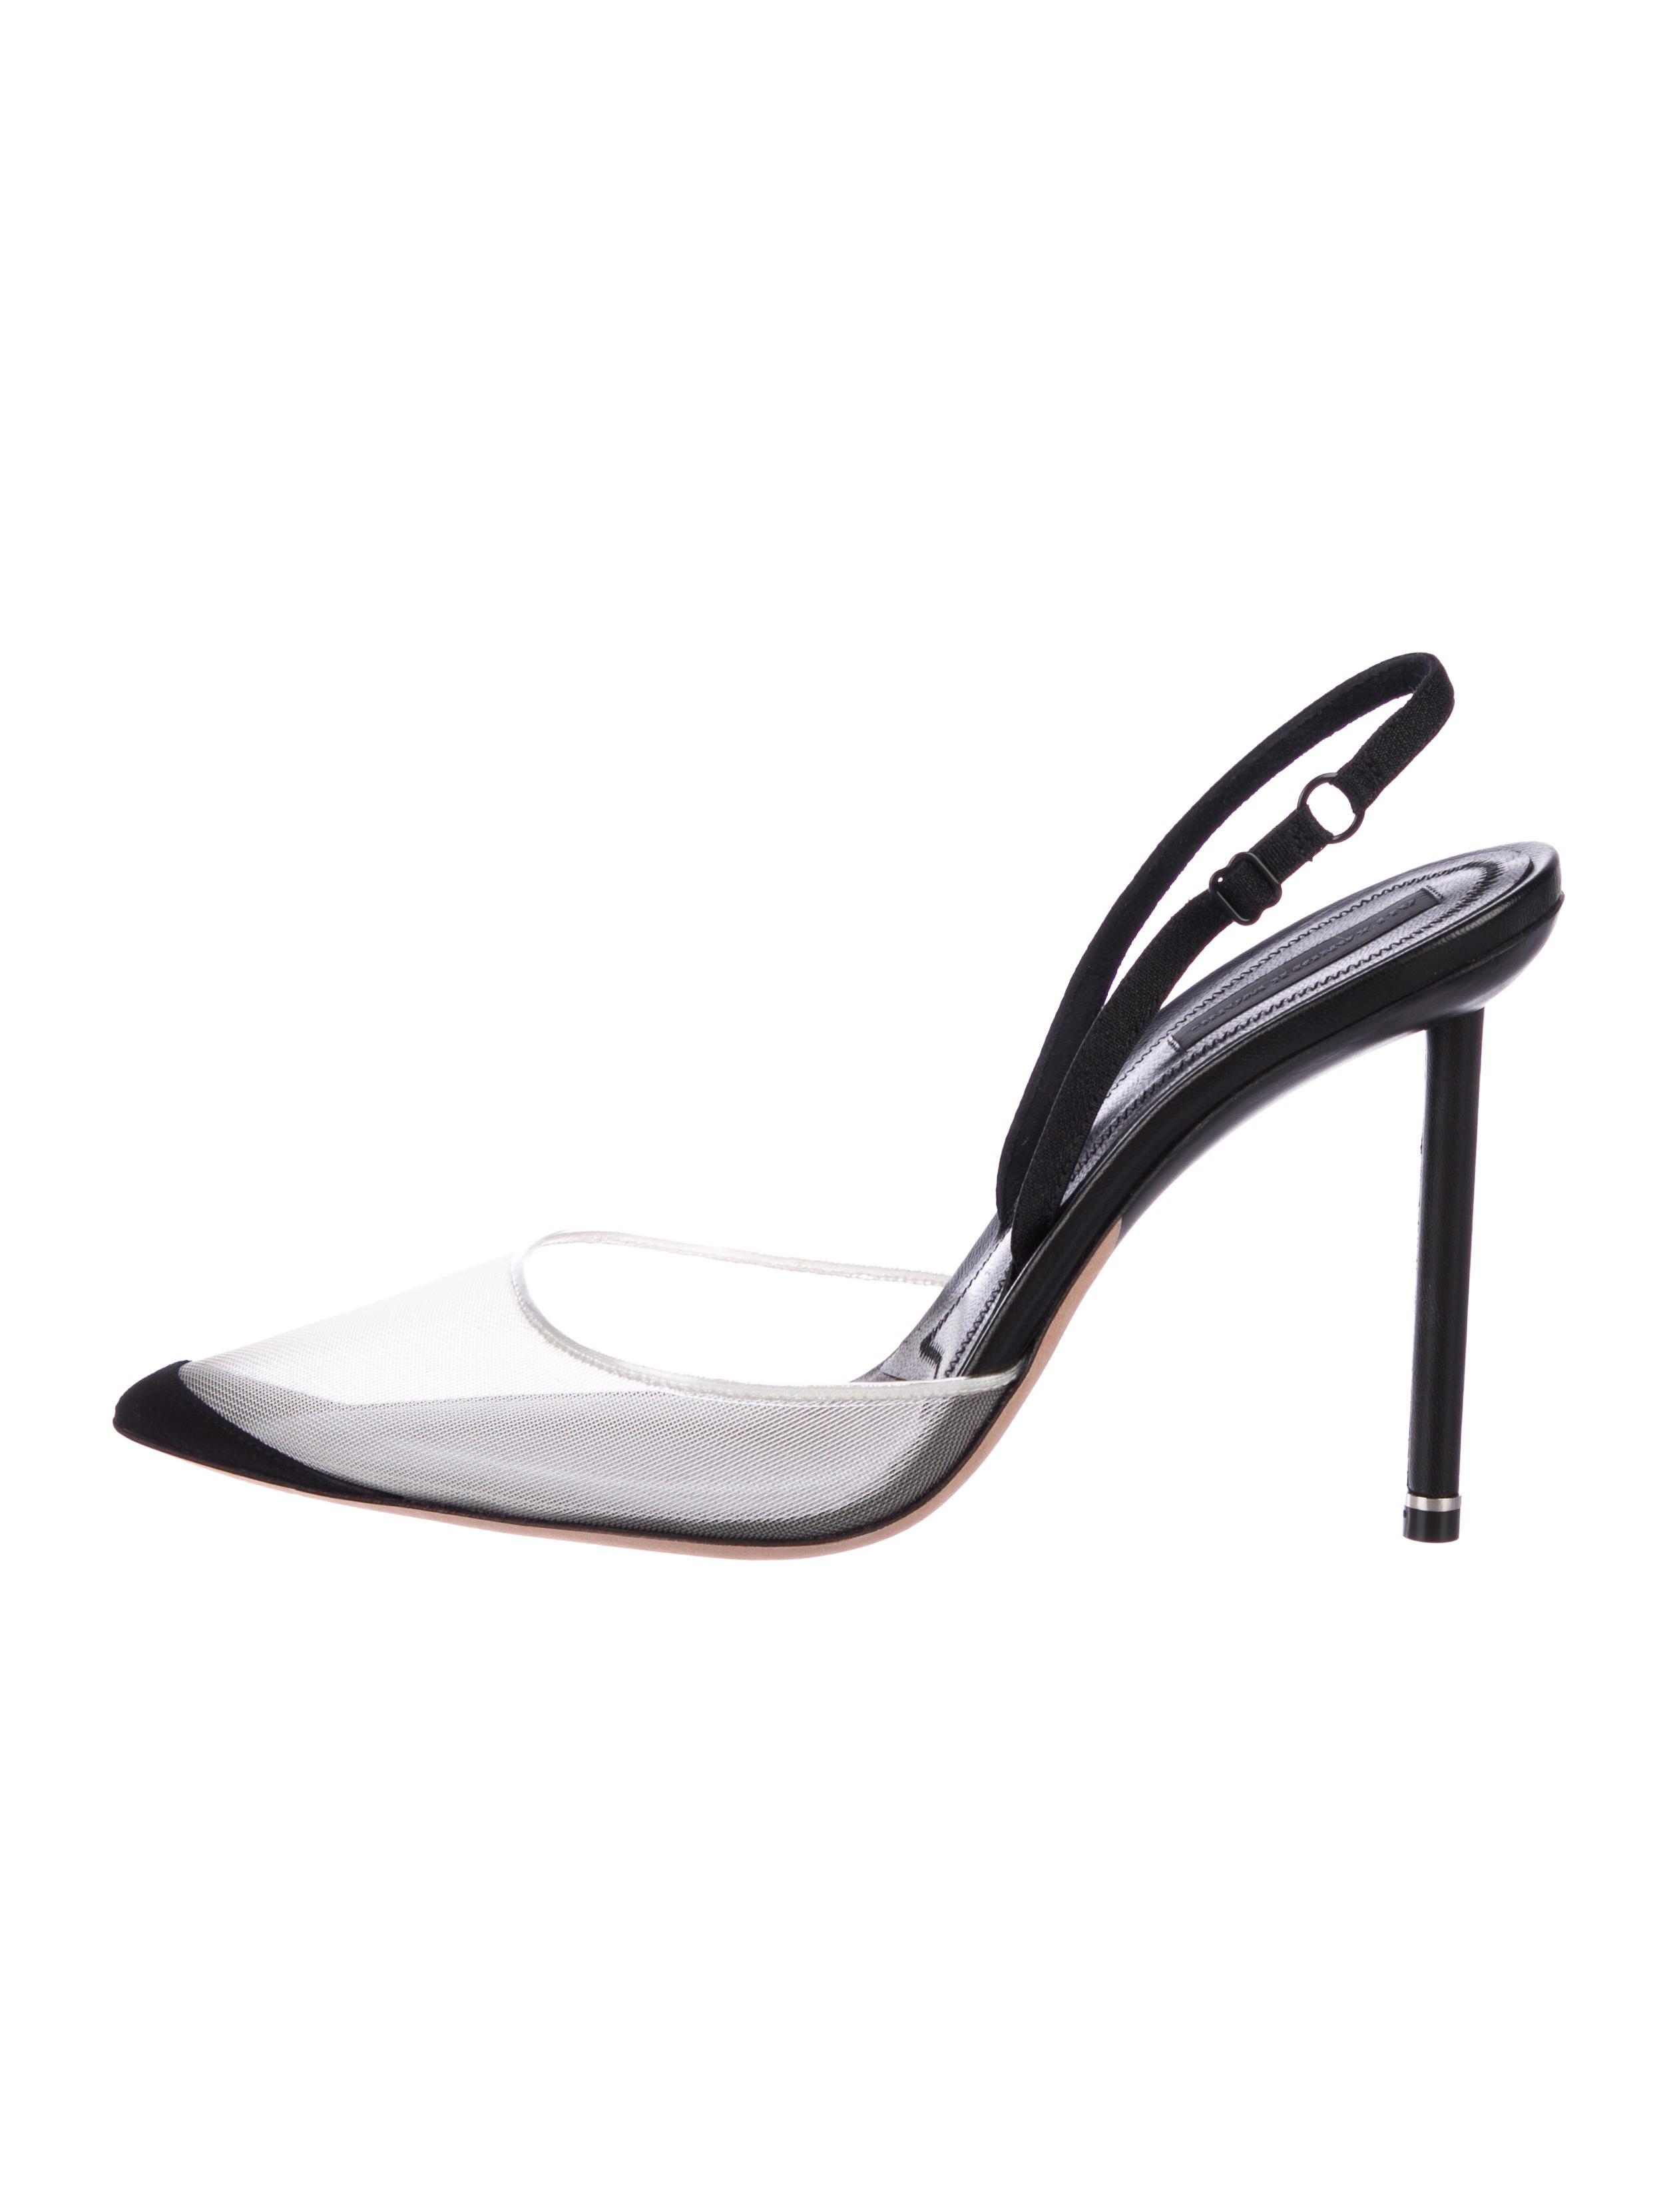 2226af4a2939 Alexander Wang Alix Slingback Pumps - Shoes - ALX51873